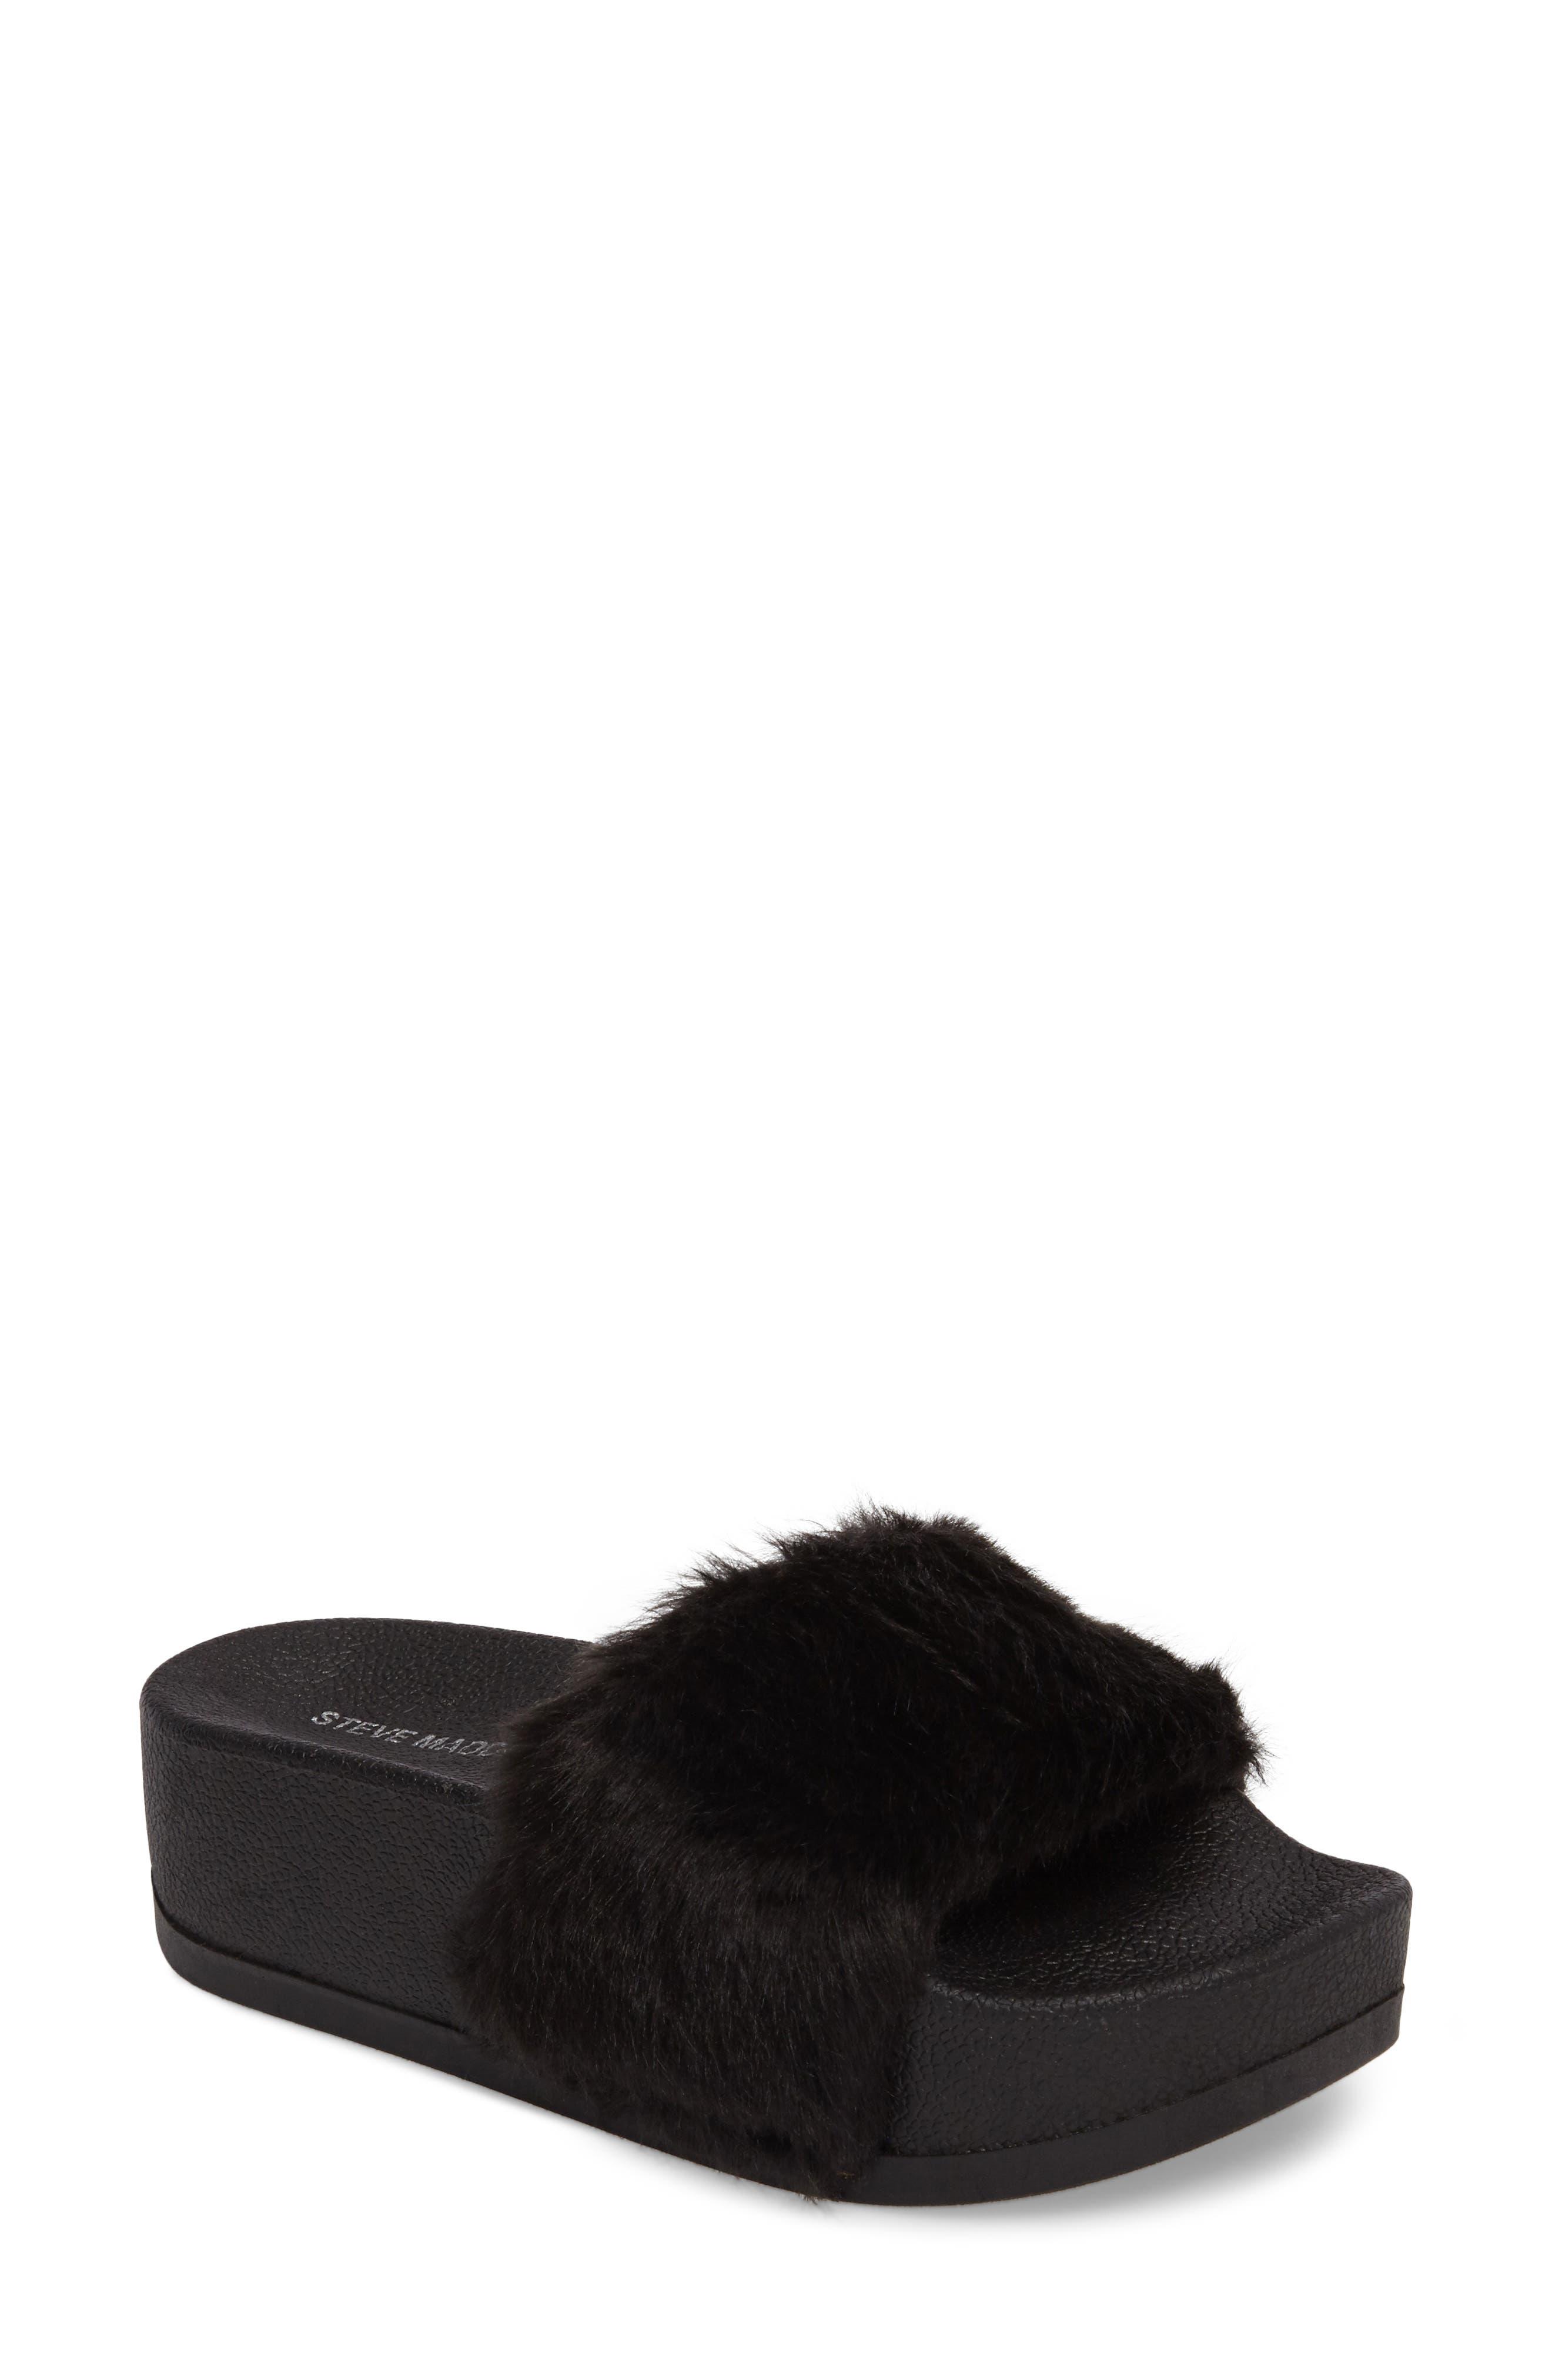 Softey Faux Fur Platform Slide,                             Main thumbnail 1, color,                             001